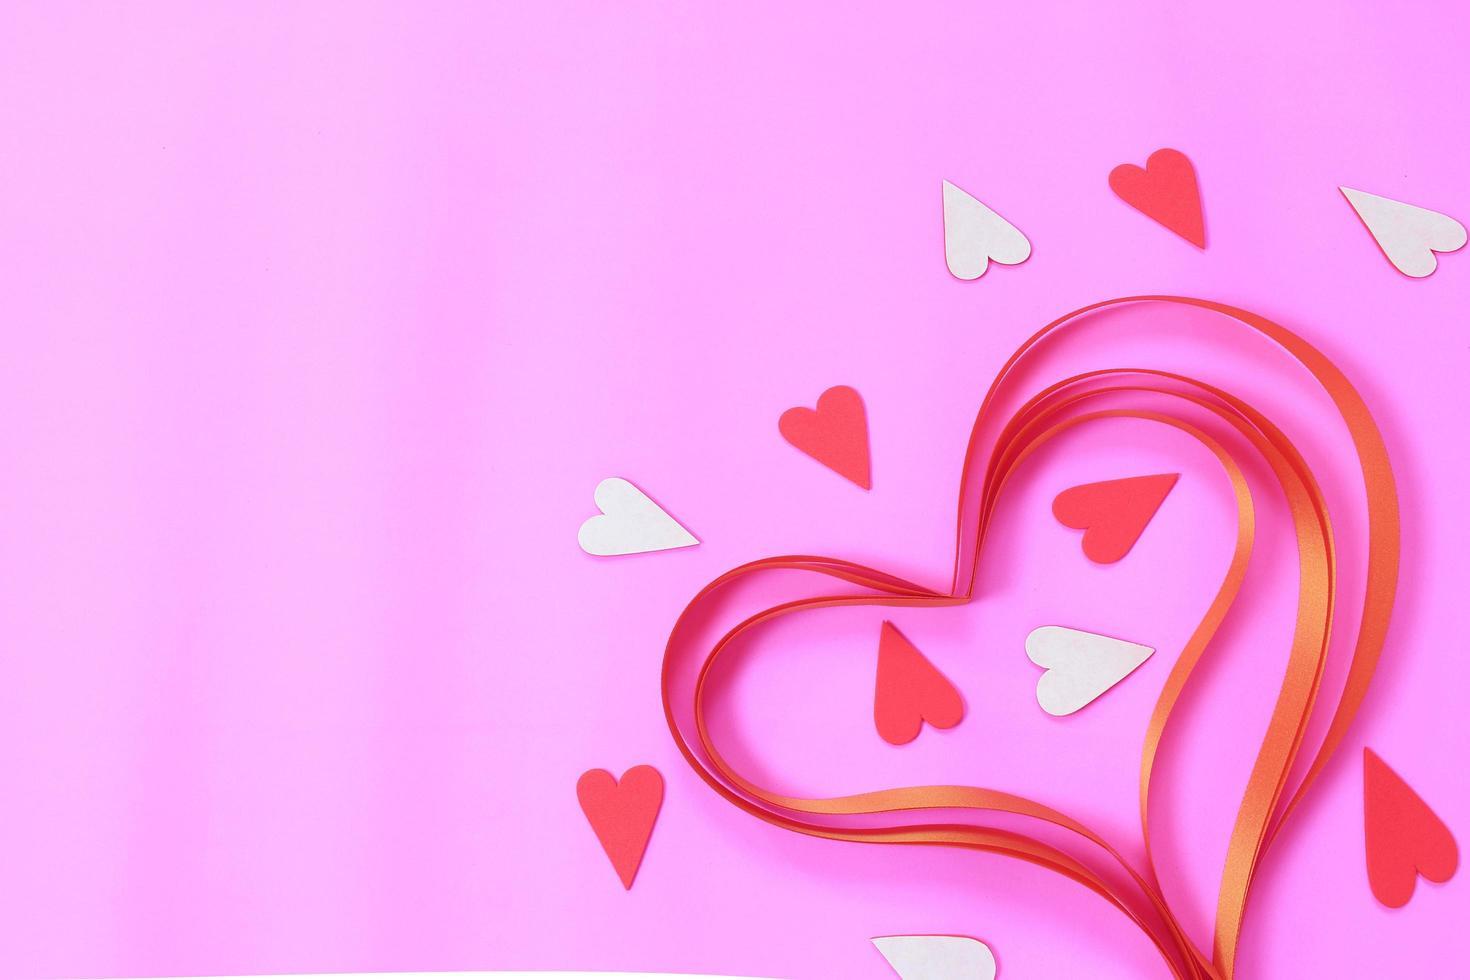 cinta y corazones de papel foto